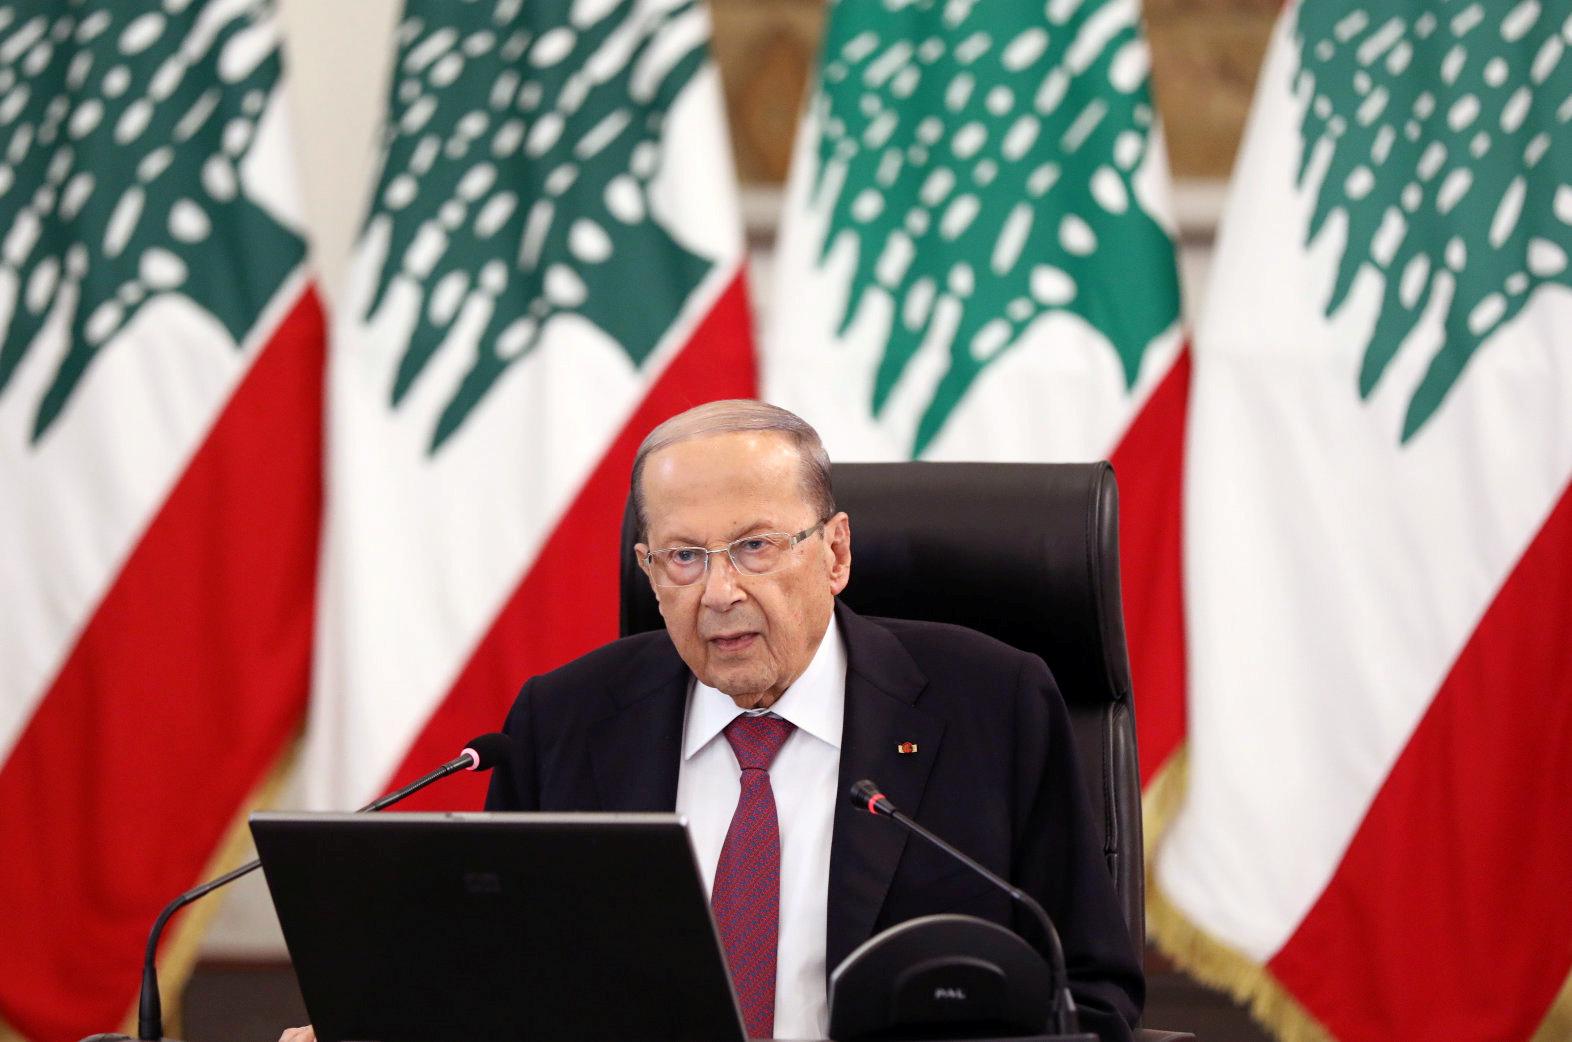 عون في مؤتمر دعم لبنان: كل من يثبت التحقيق تورطه بانفجار المرفأ ...